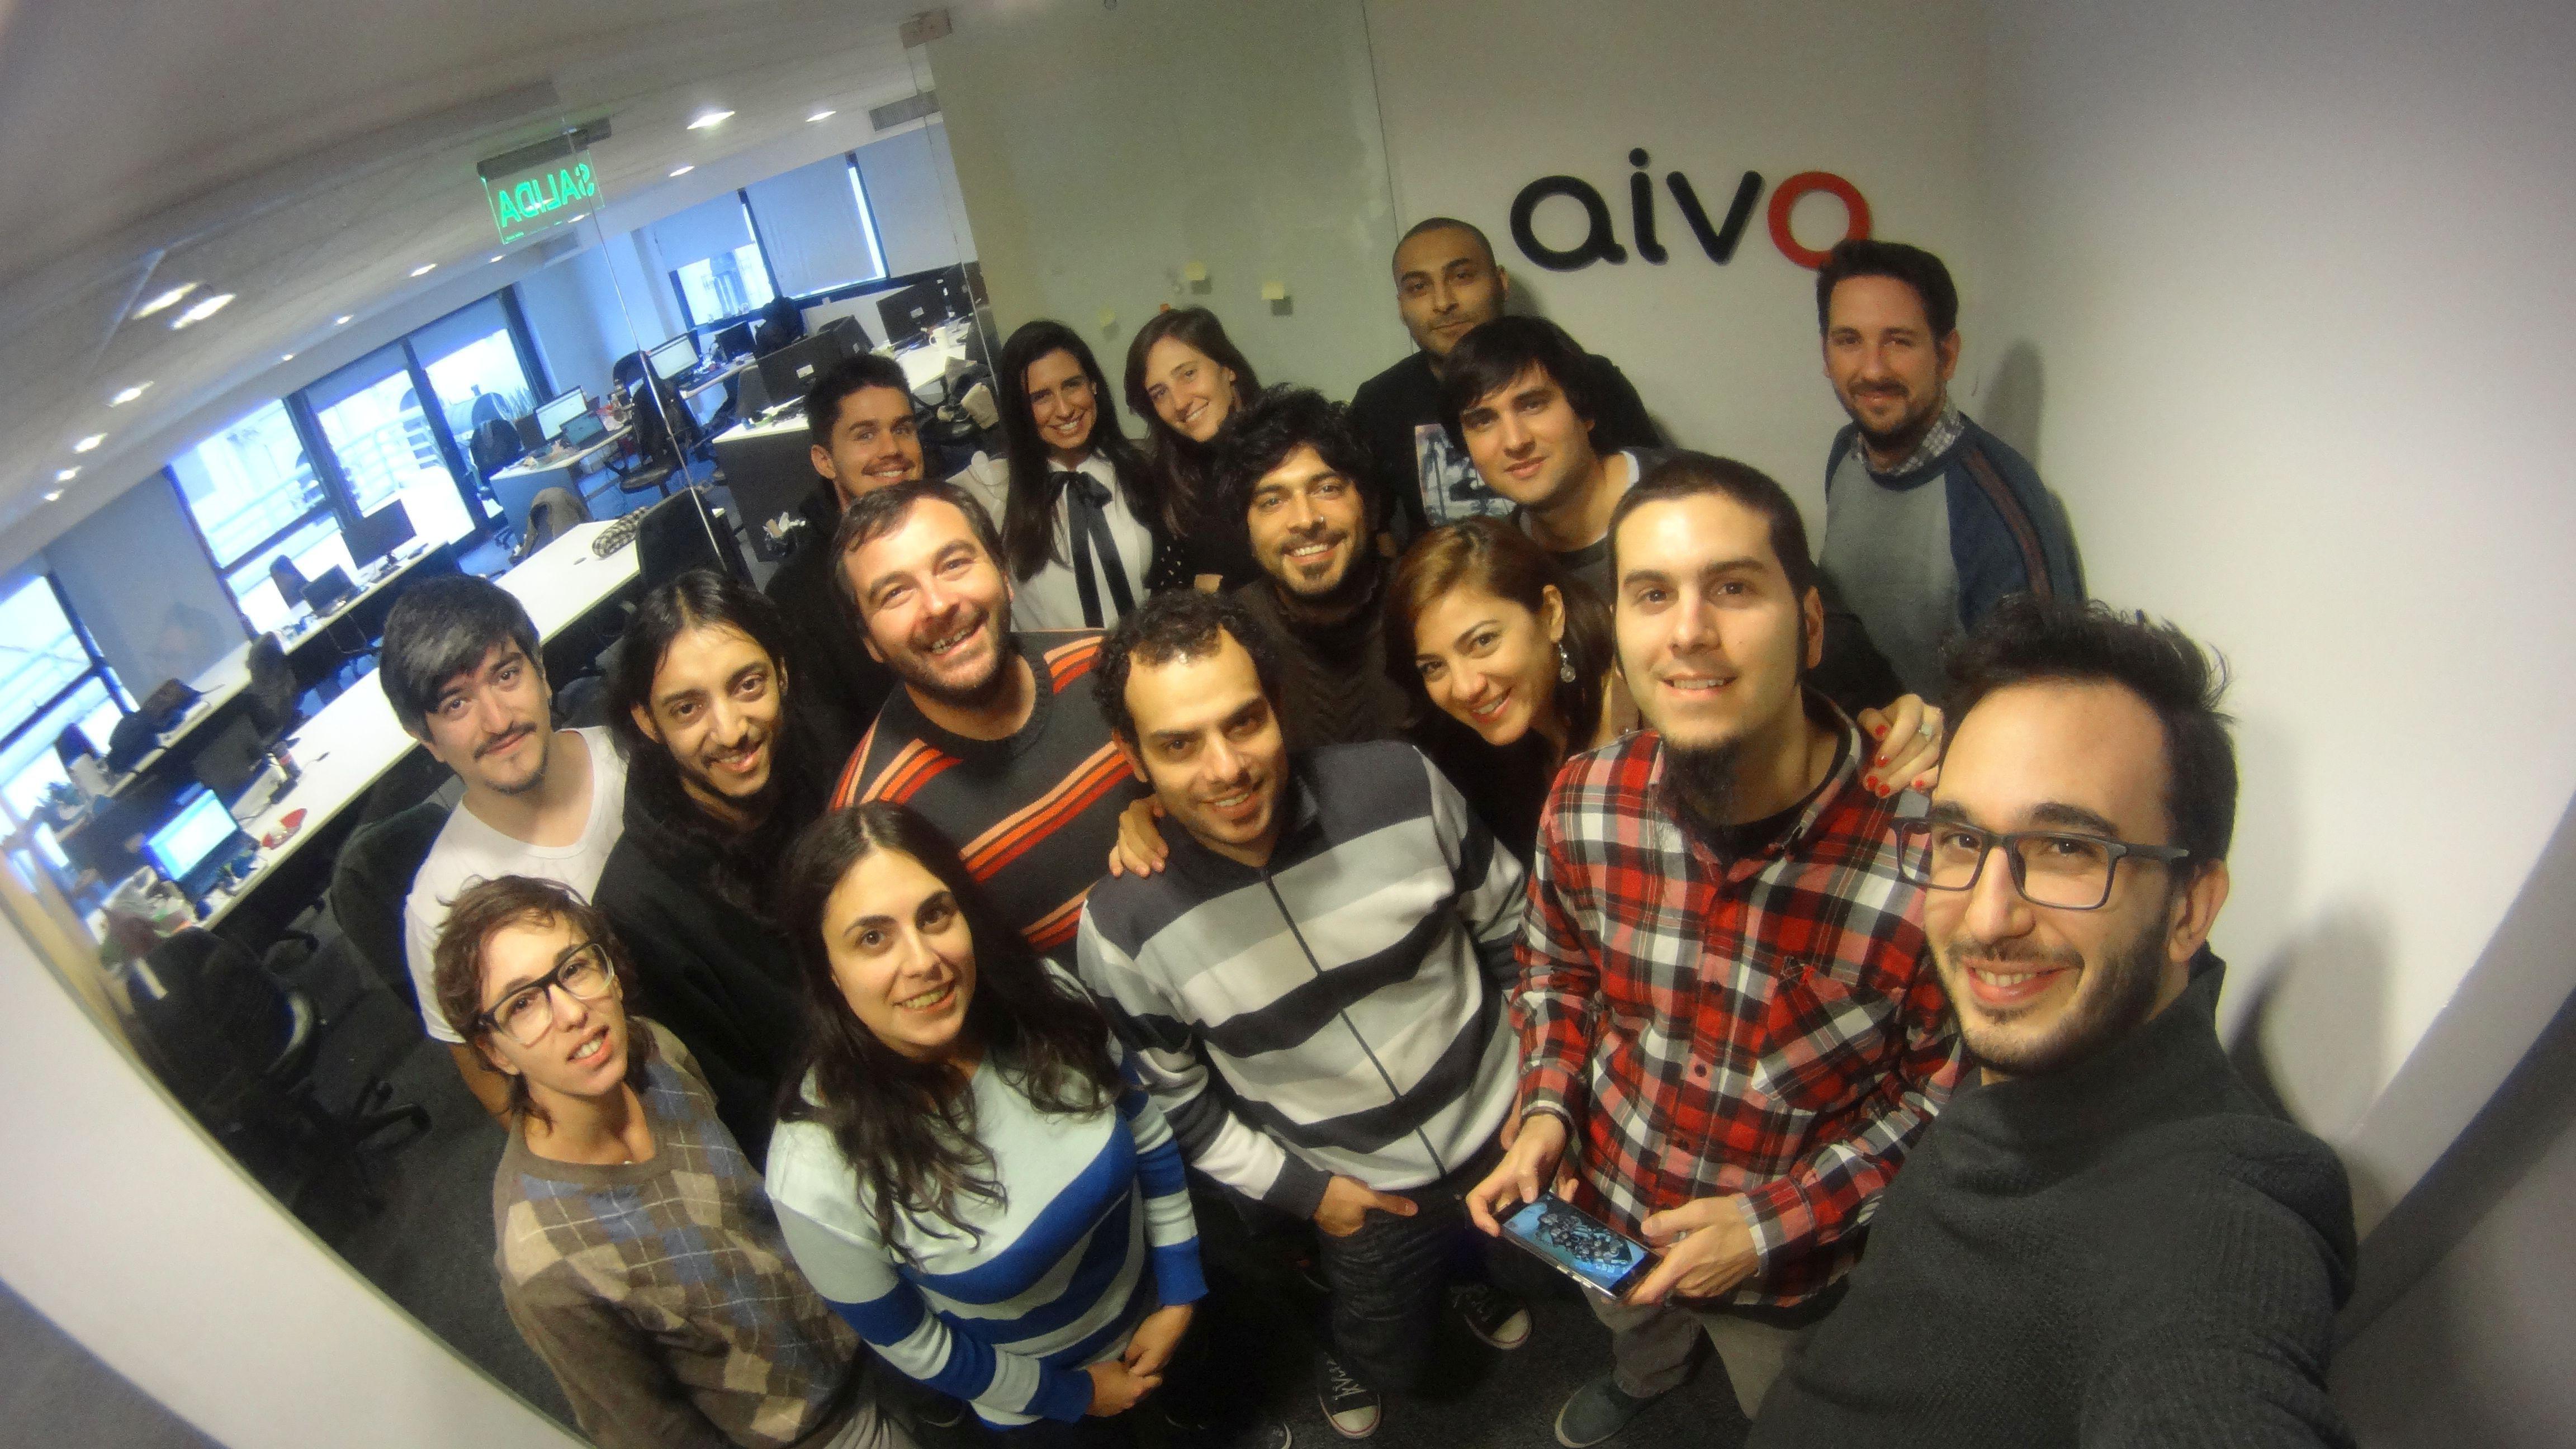 Startup: Aivo Web: www.aivo.co. Fundación: 2011. Capital Inicial: US$  350.000 en 2012 de Angel investment. CEO: Martín Frascaroli